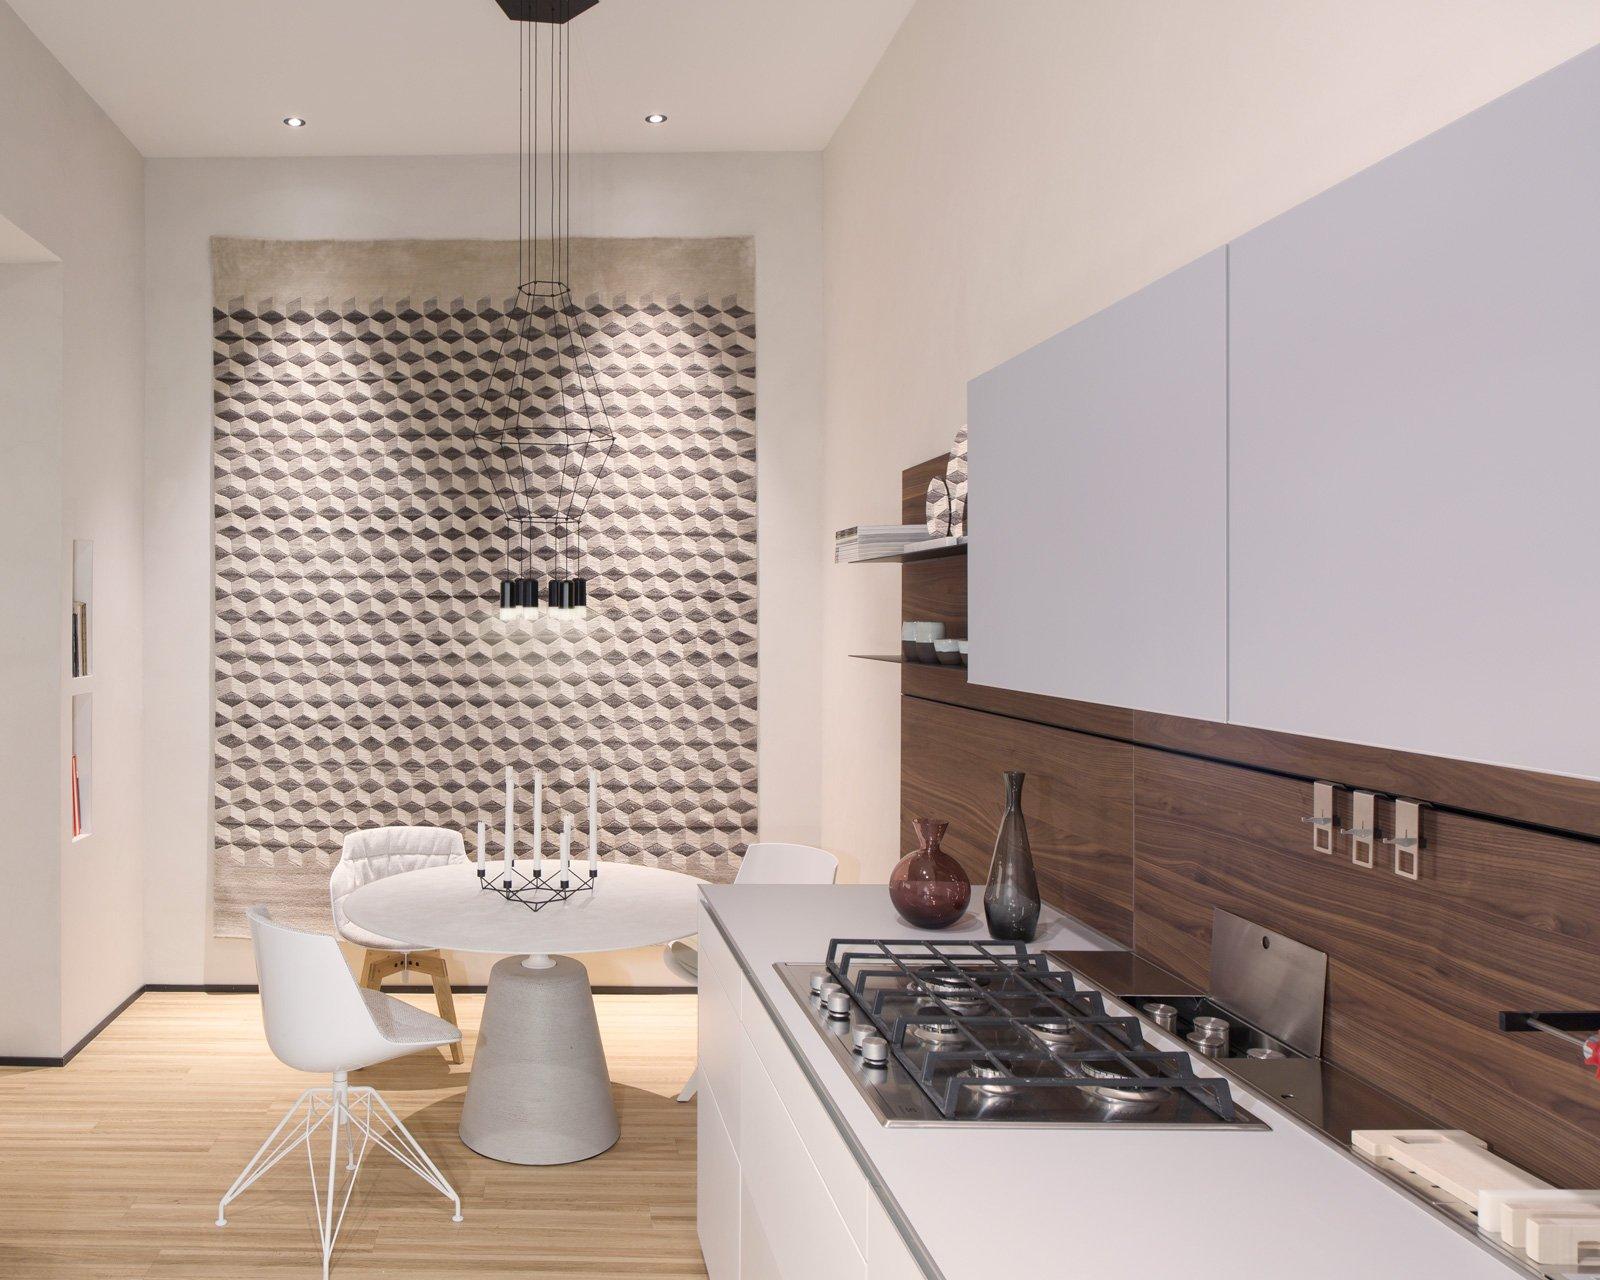 Food design a napoli il primo showroom esperienziale cose di casa - Valcucine forma mentis ...